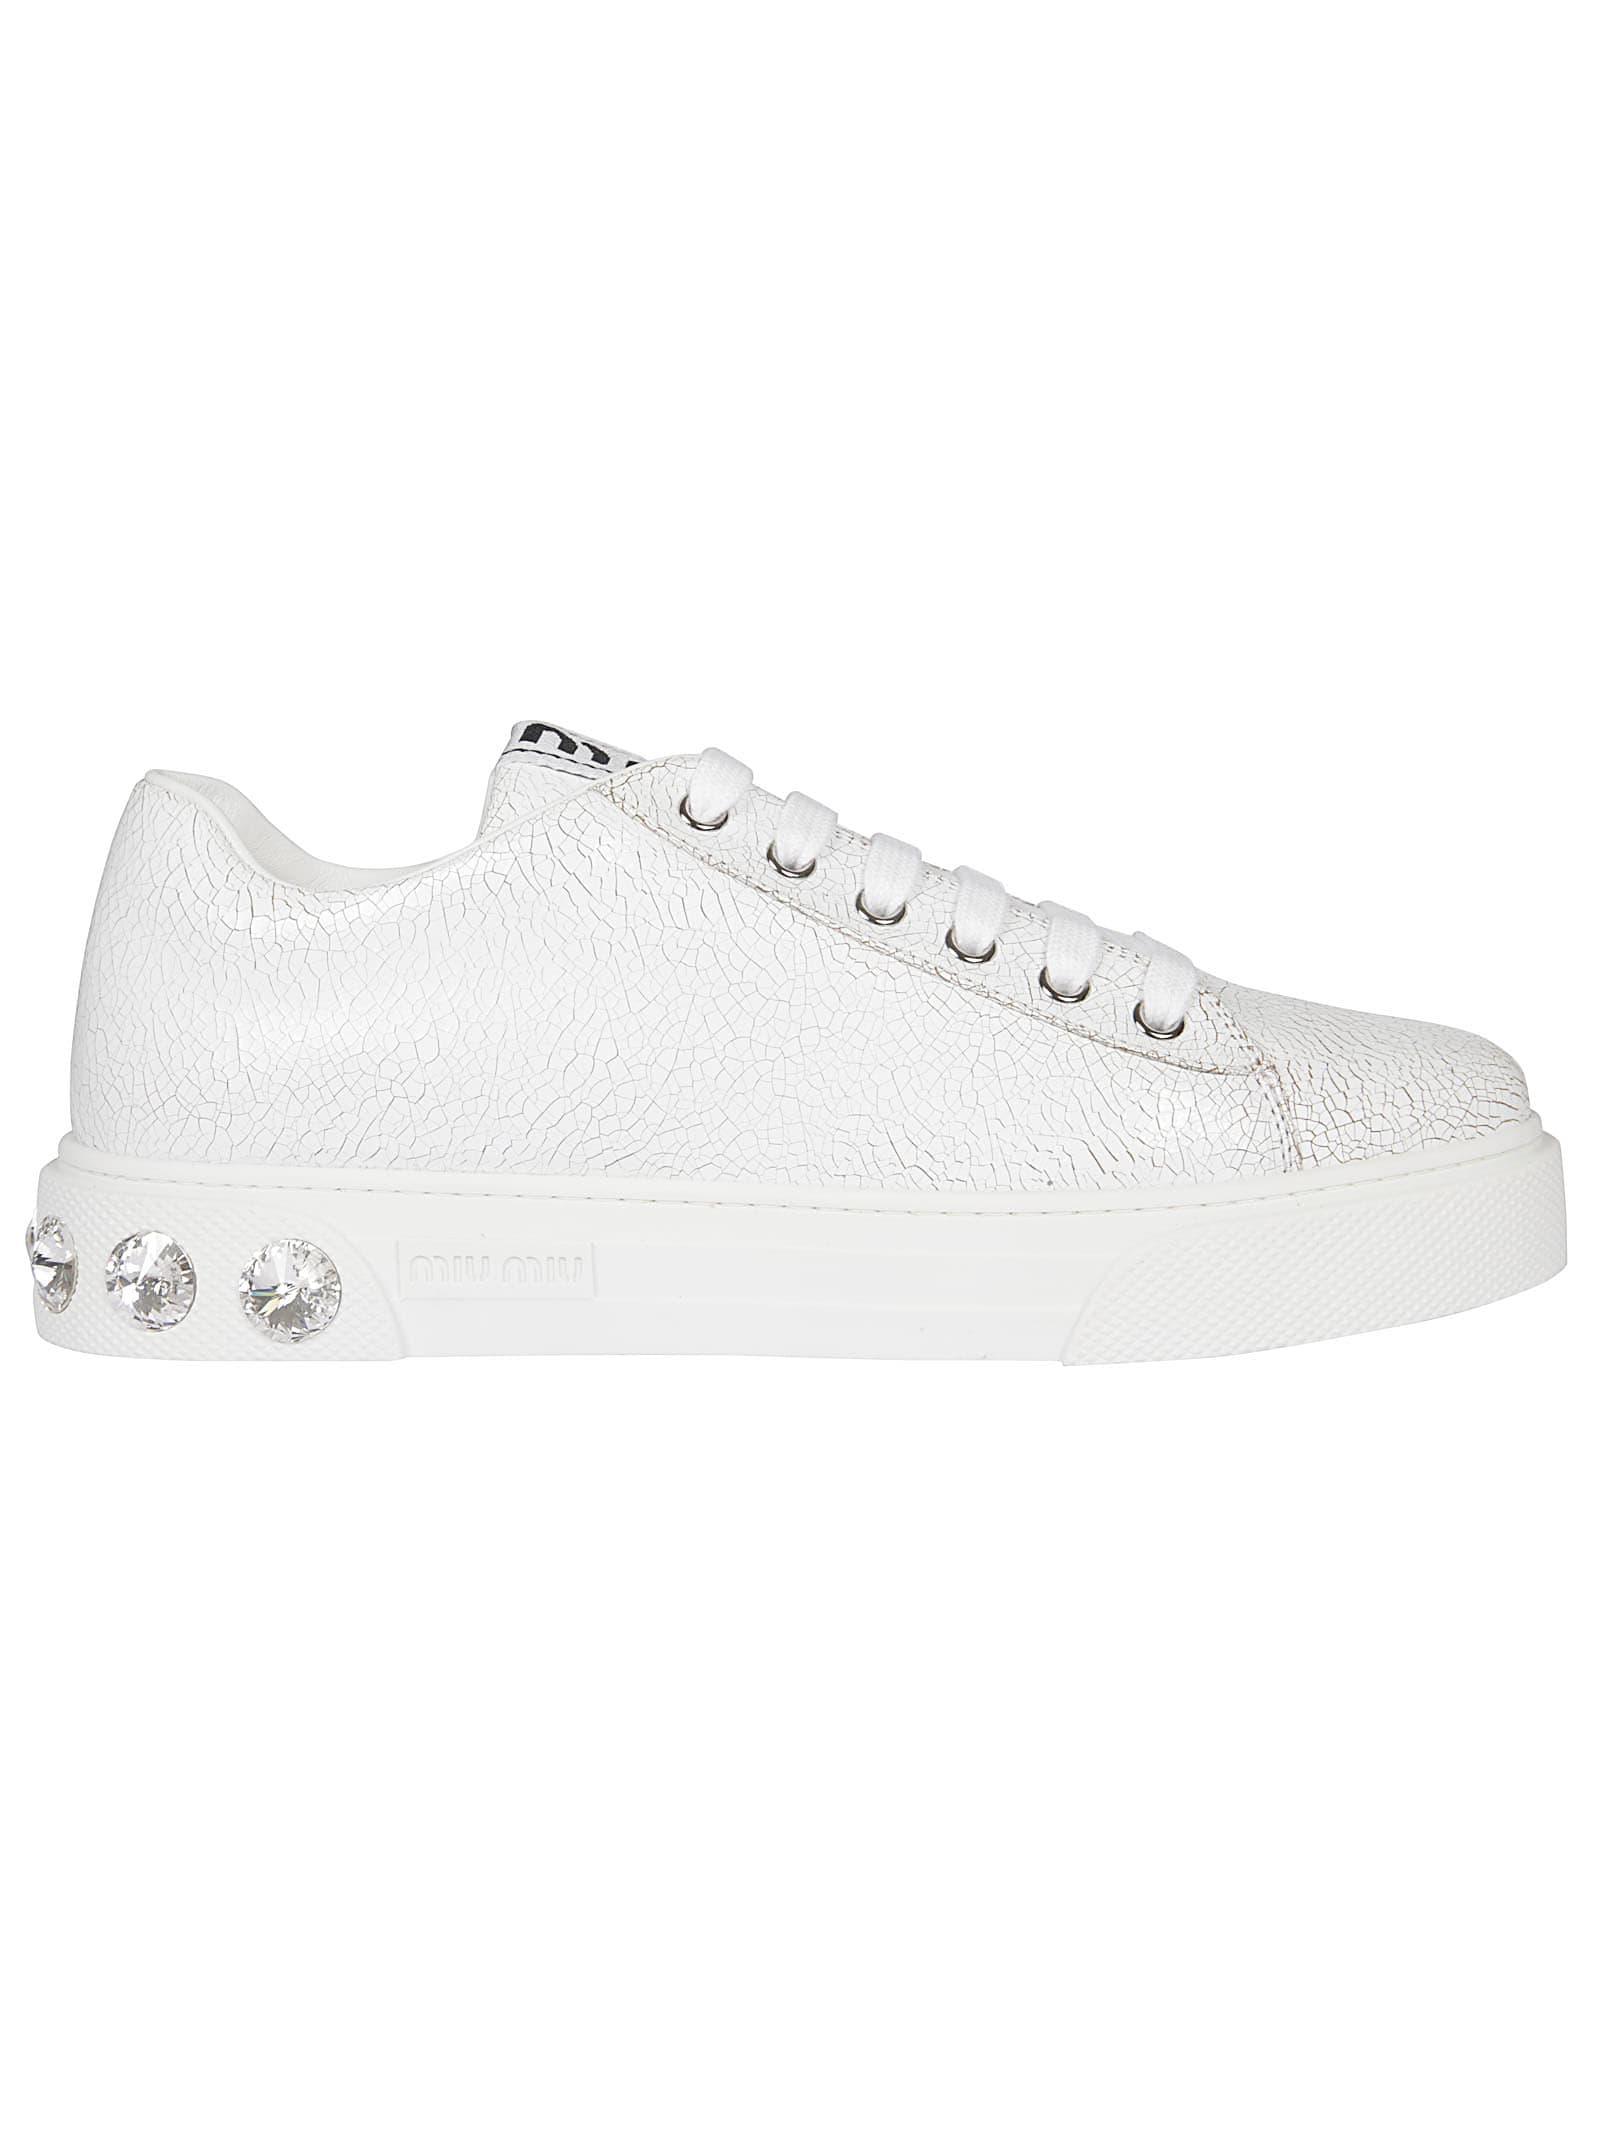 Miu Miu Sneakers   italist, ALWAYS LIKE